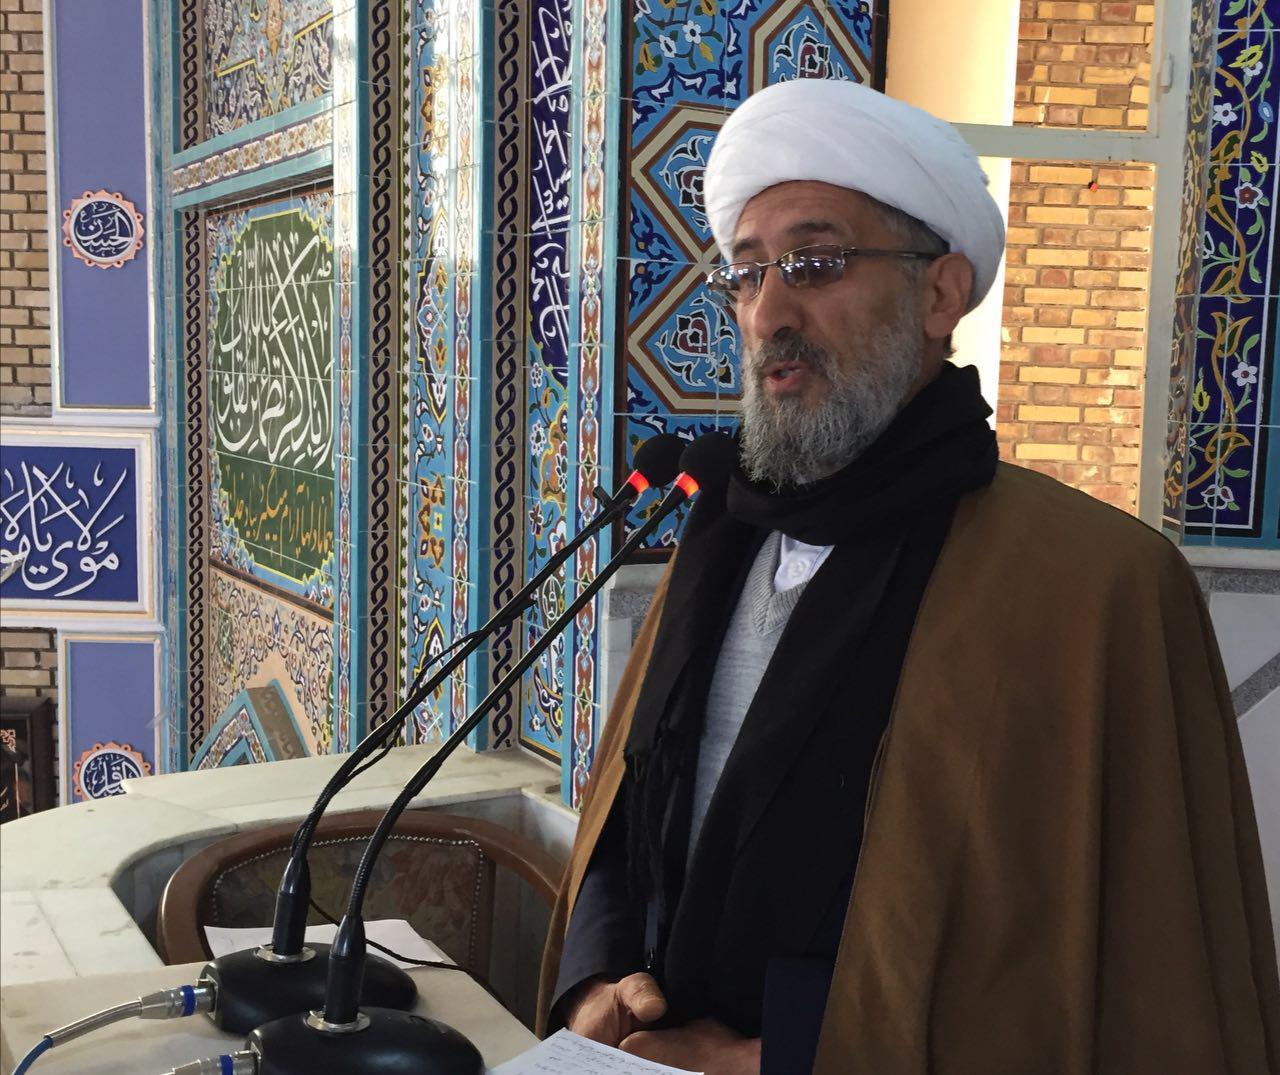 در نماز جمعه صادقیه: دولت باید حضور مستقیم در مذاکرات صلح داشته باشد/افغانستان جای مستکبر و ظالم نیست